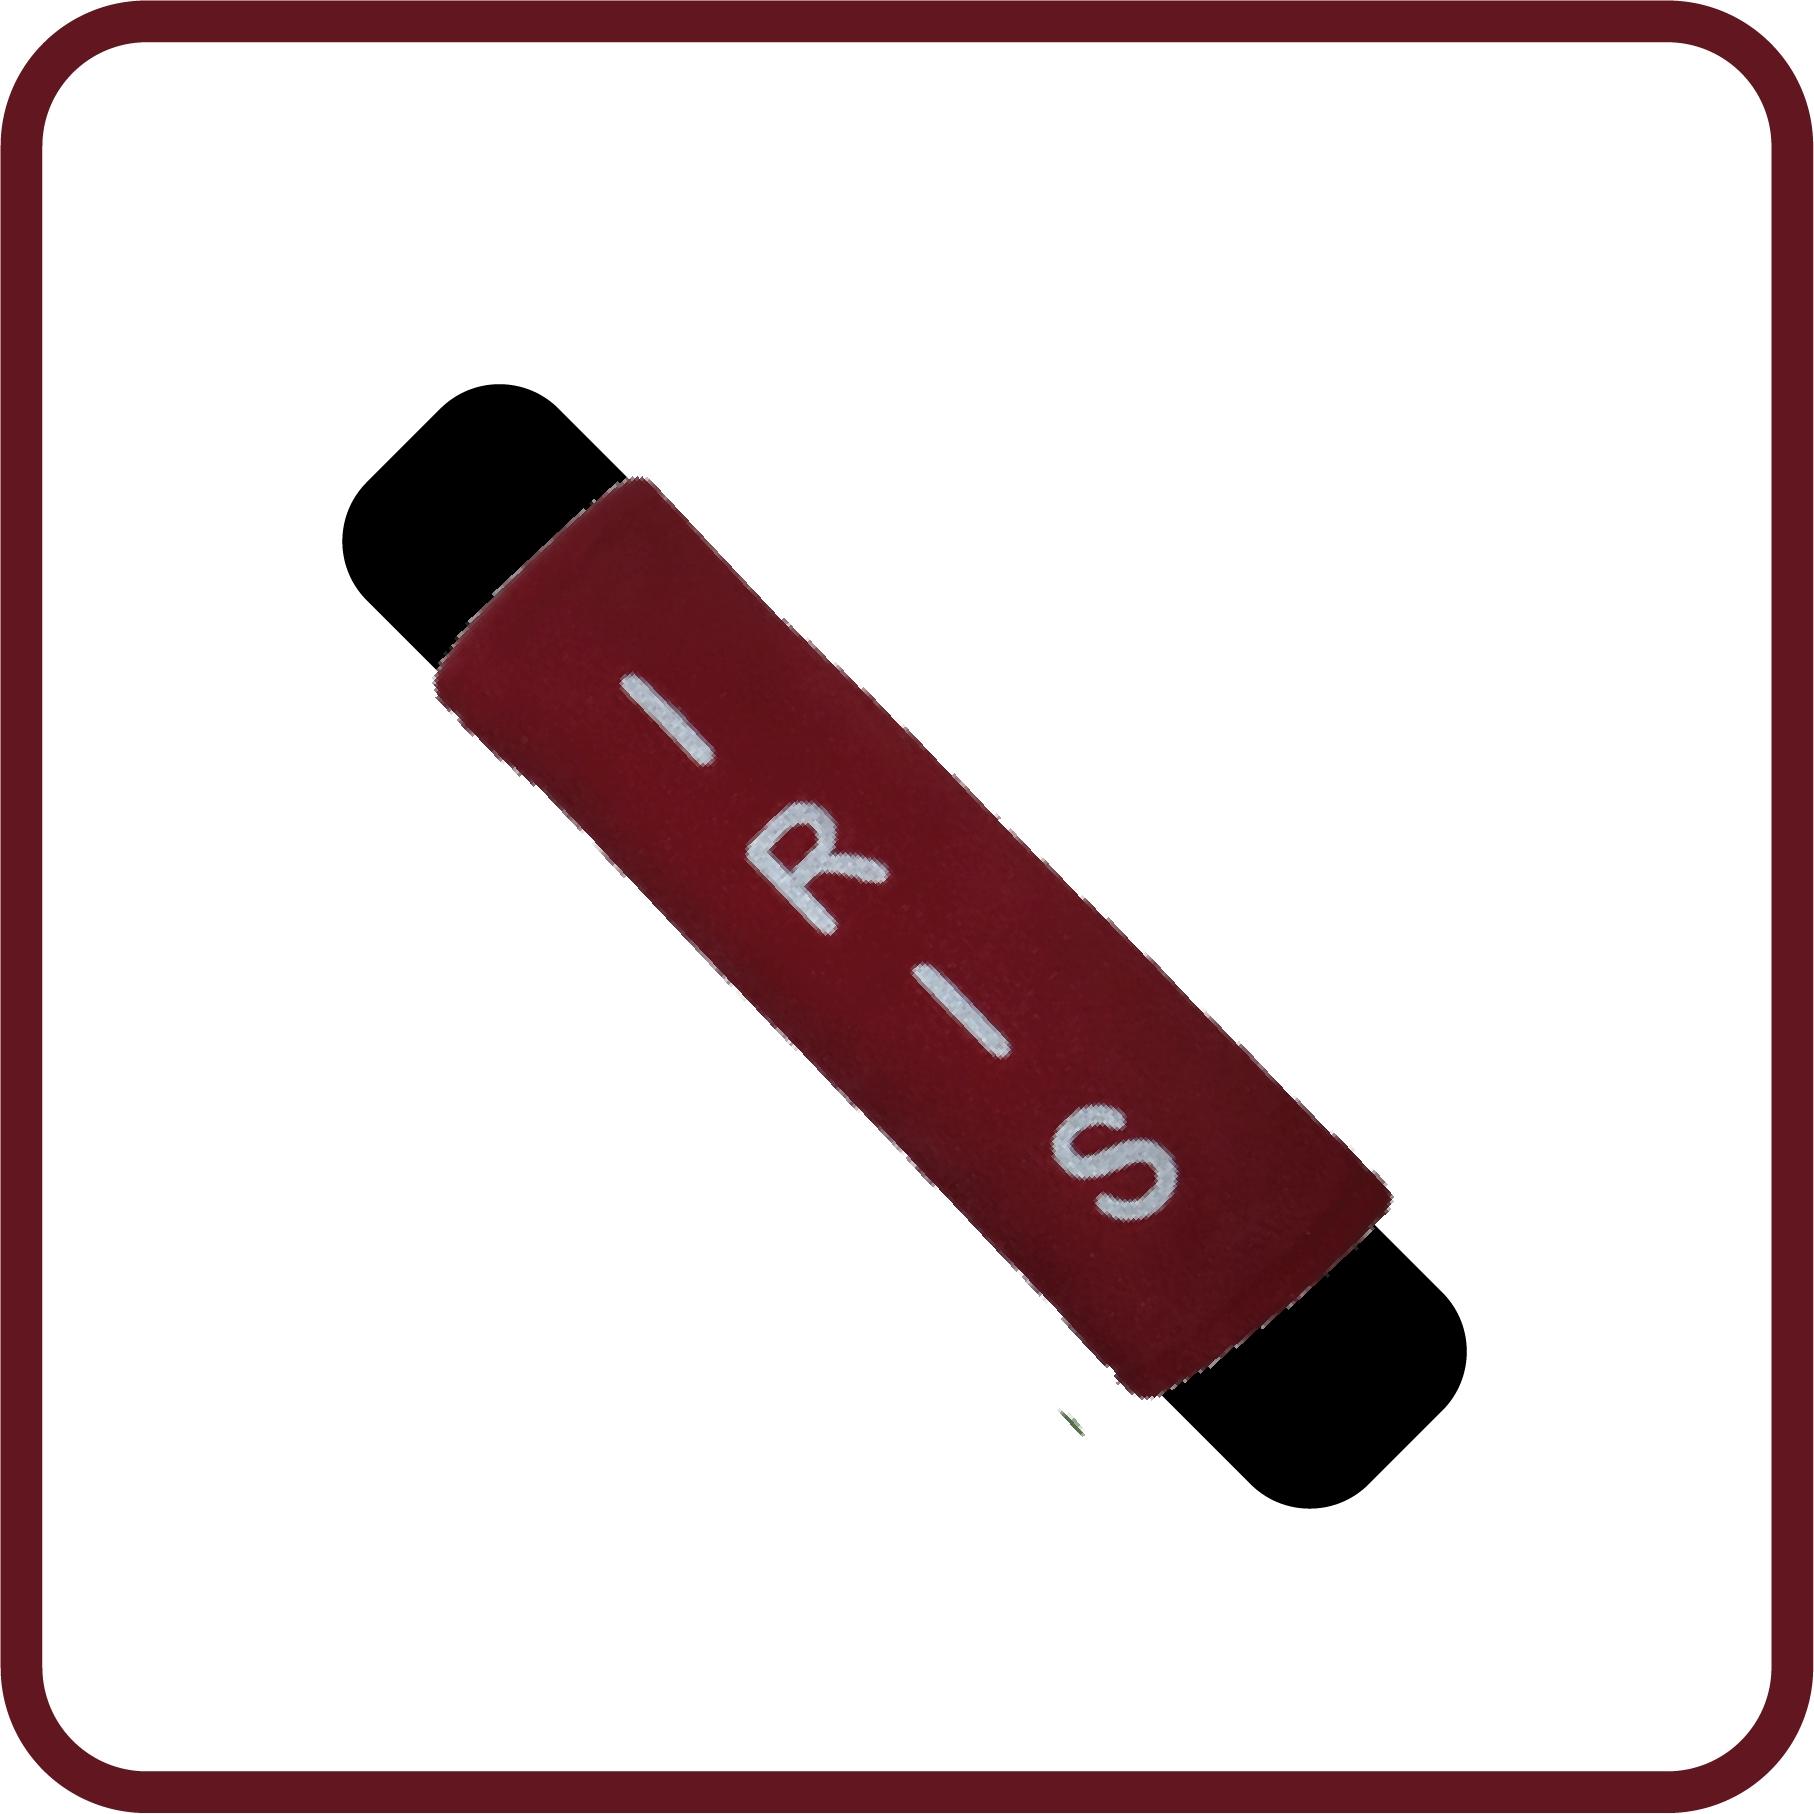 Autogordelhoes kinderen in hippe kleur rood